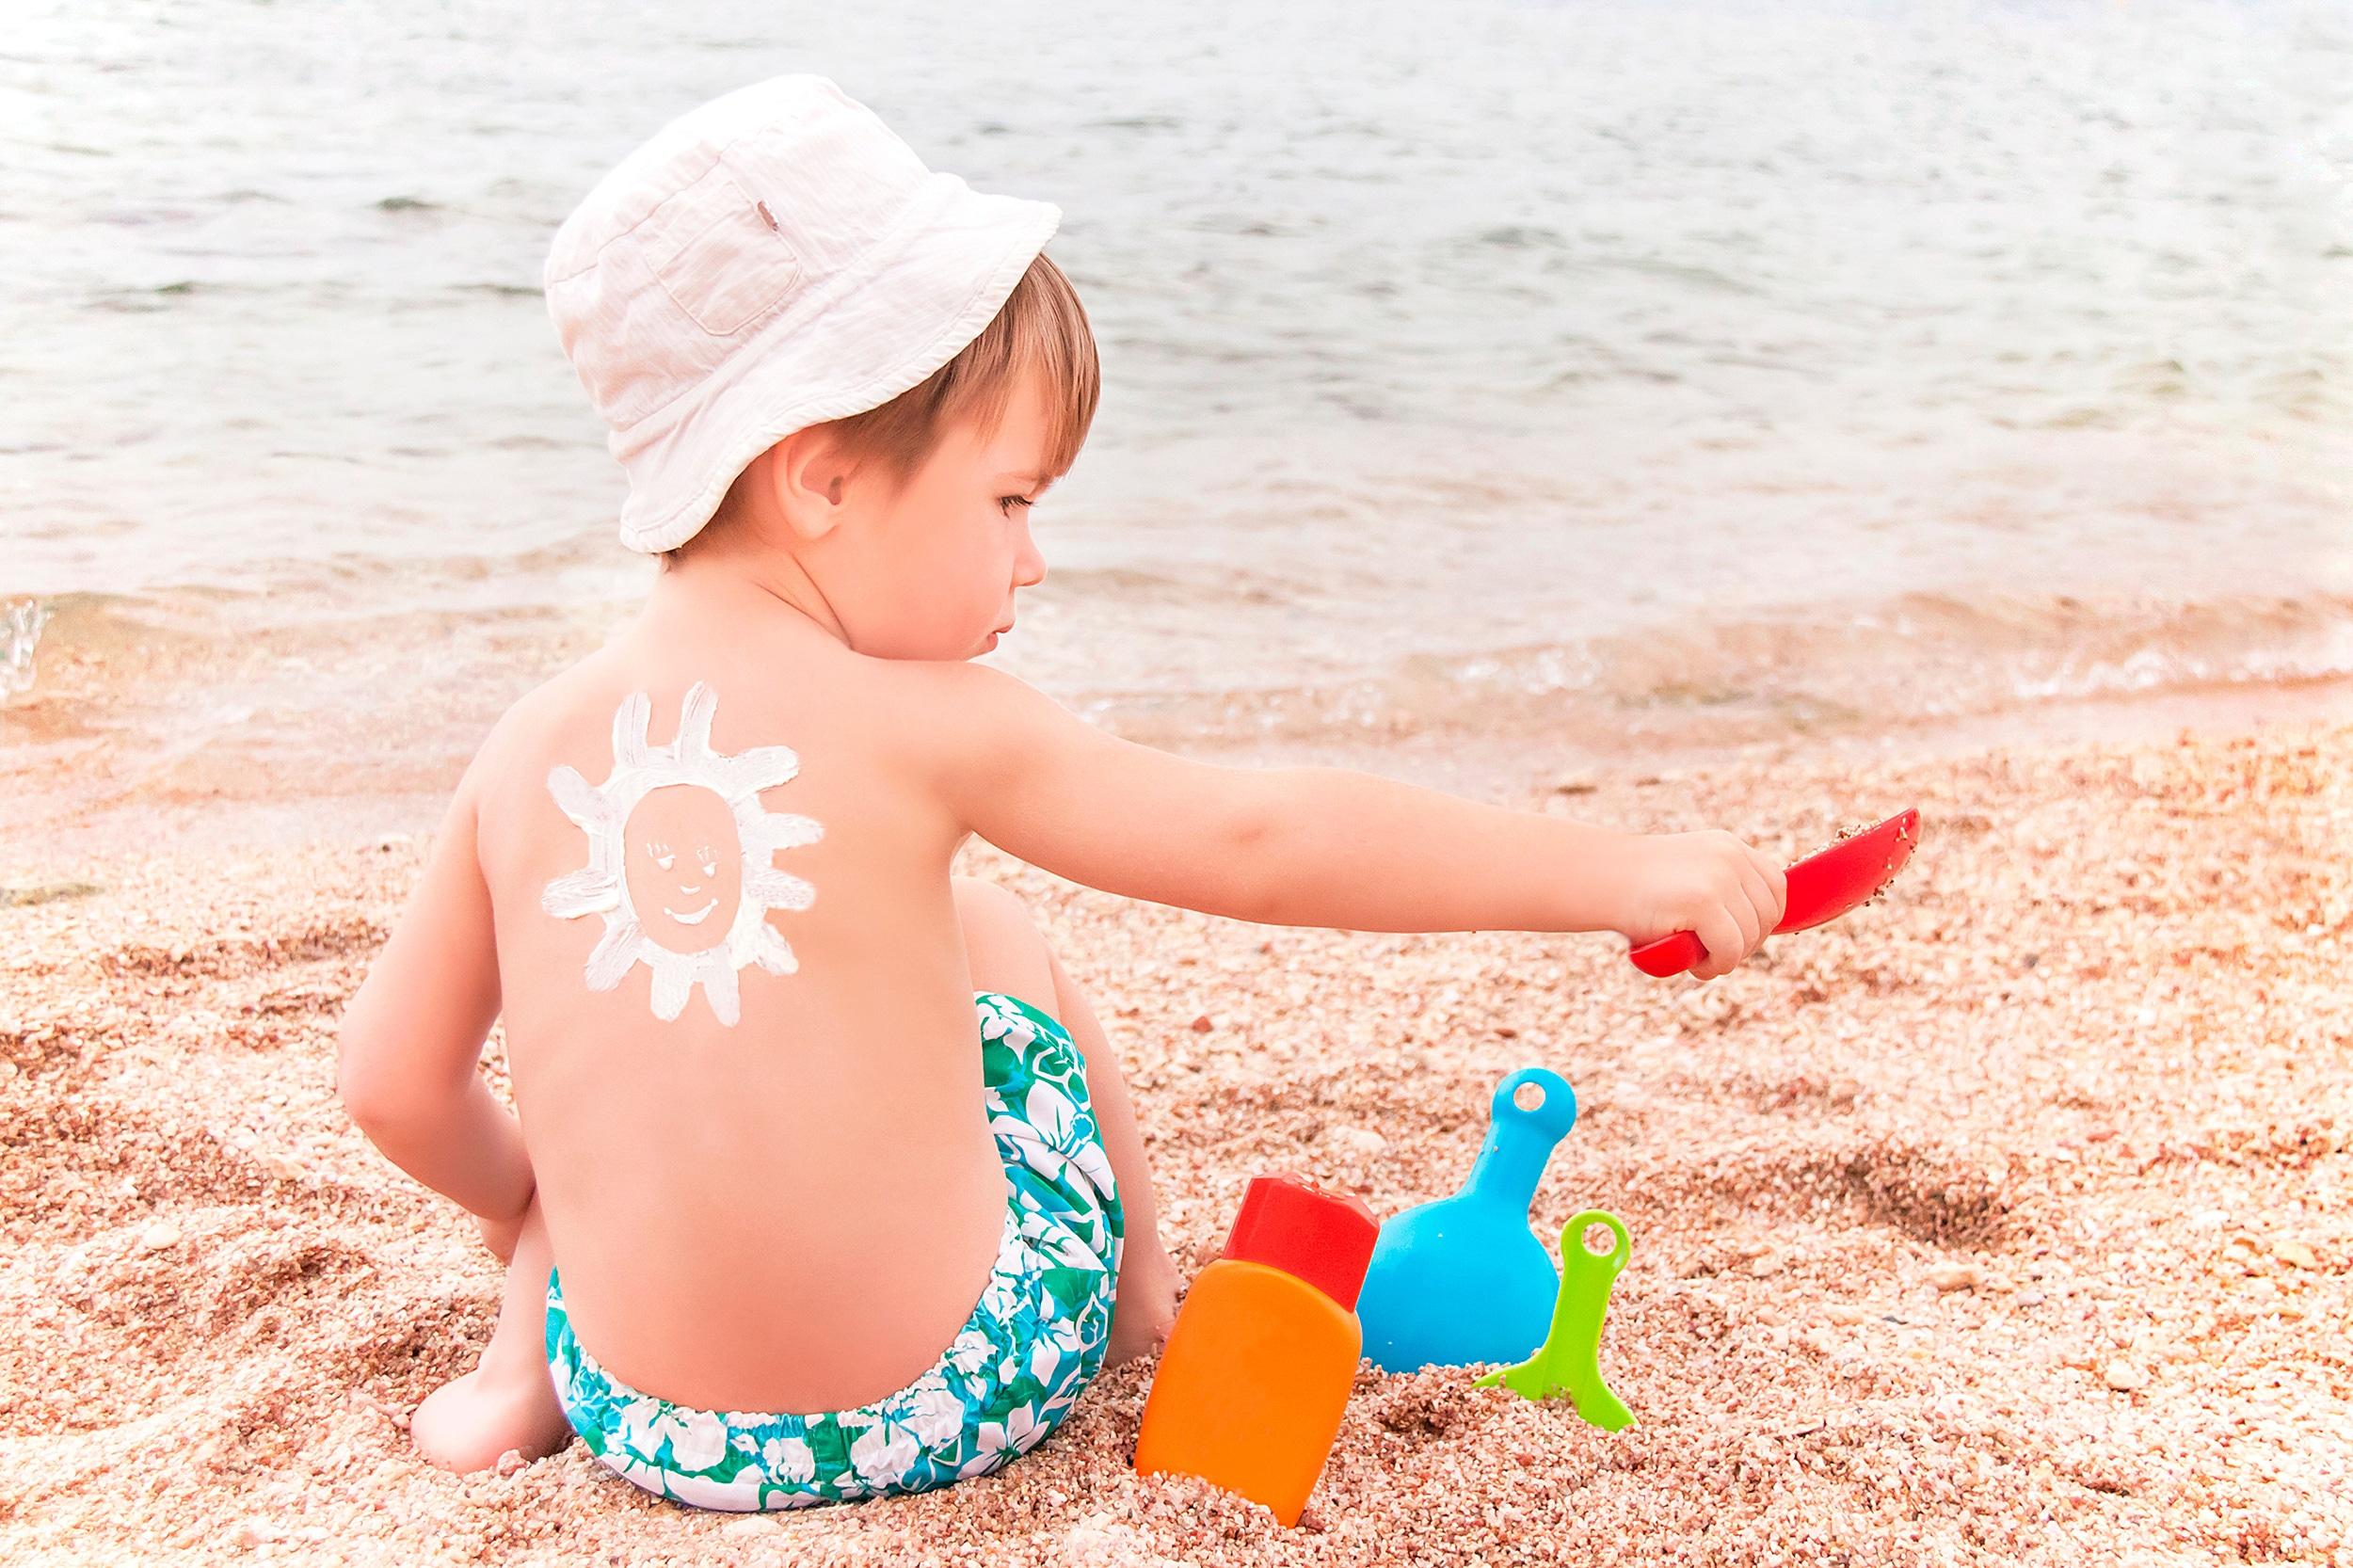 Los menores de un año nunca deben exponerse directamente al sol.